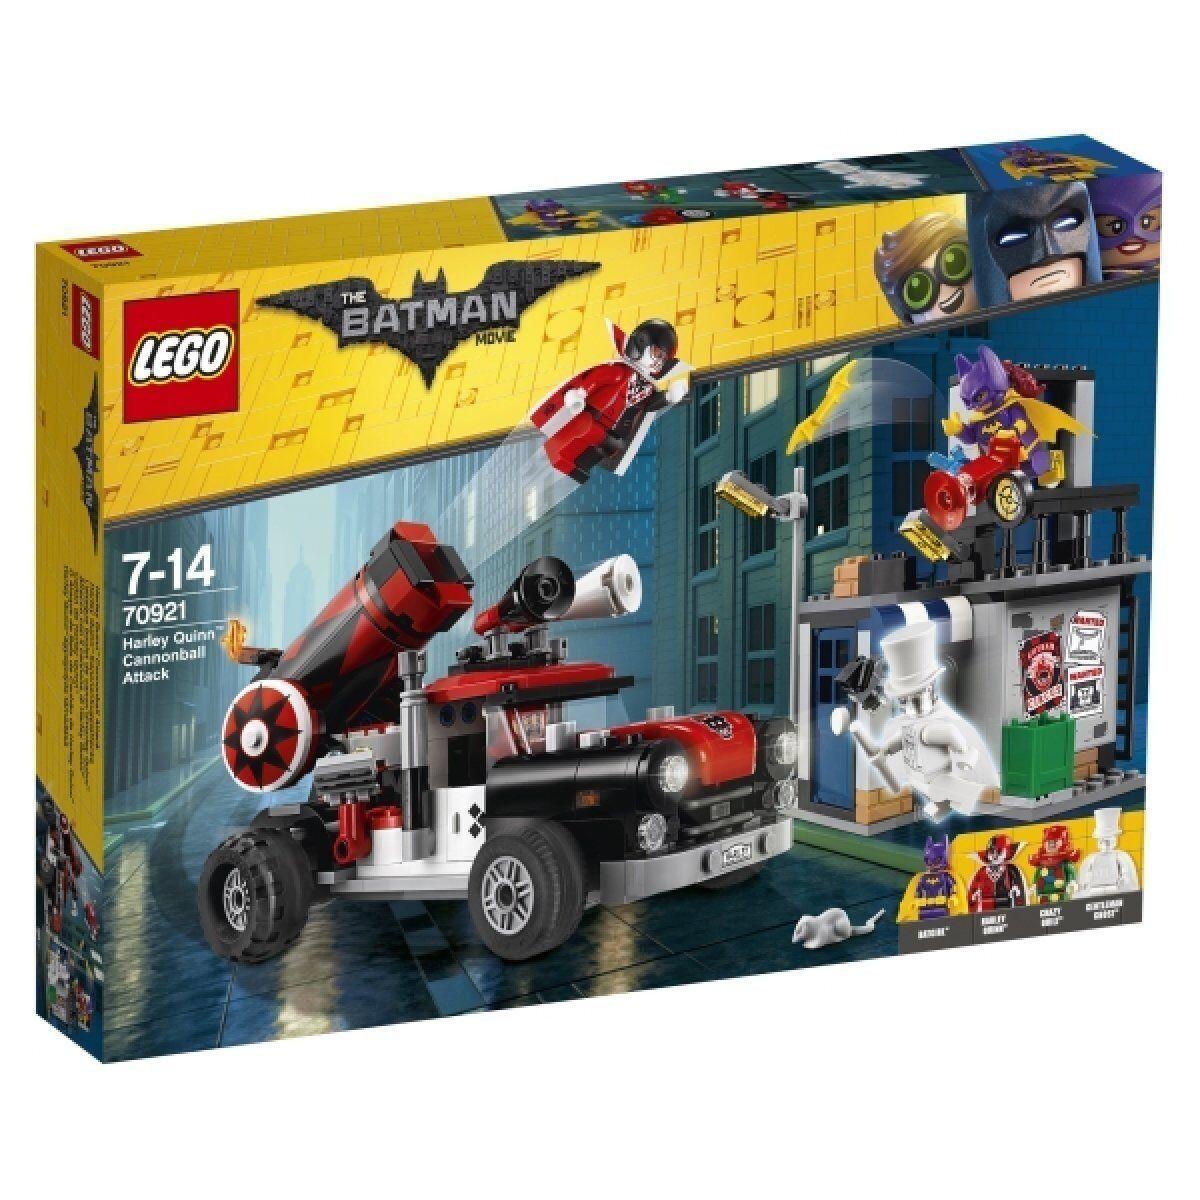 Lego 70921 BATMAN MOVIE Harley Quinn boulet boulet boulet de canon attaque Nouveau neuf dans sa boîte 850631